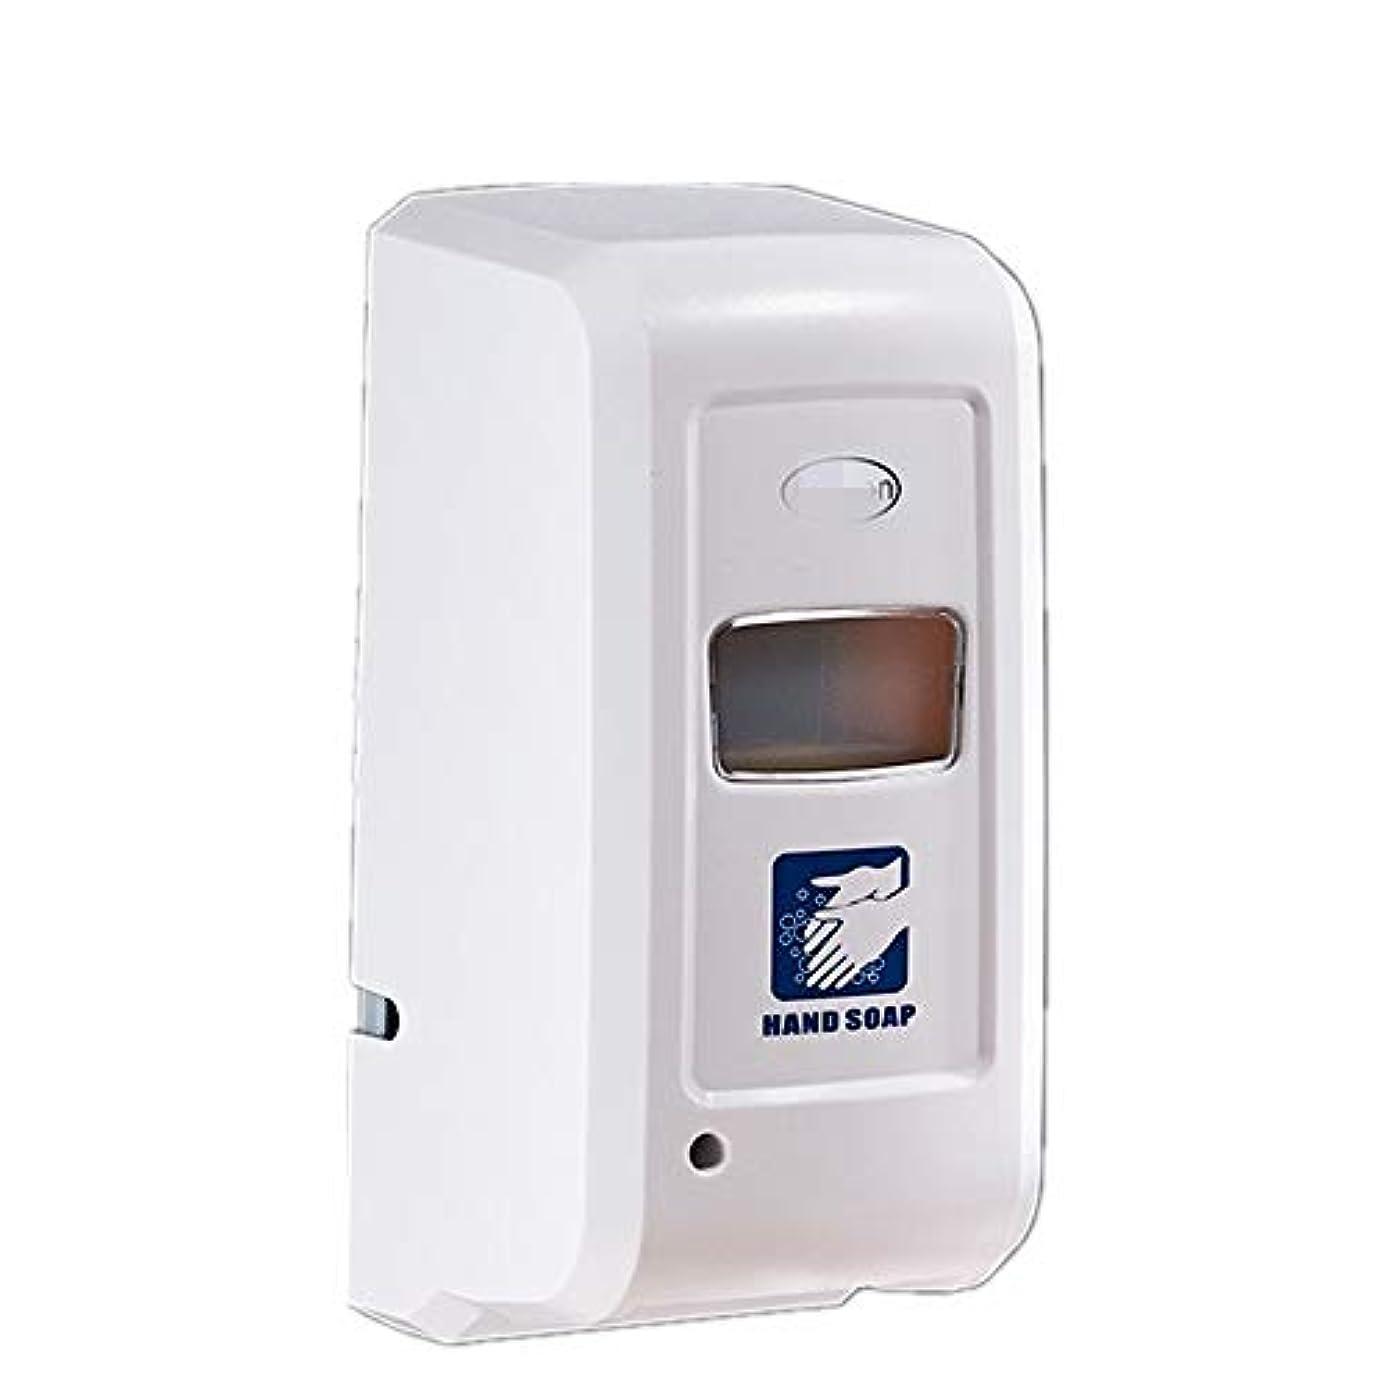 留まる特許情熱ソープディスペンサー 1000mlの容量自動ソープディスペンサー非接触自動誘導バッテリーは、ソープディスペンサーを運営しました ハンドソープ 食器用洗剤 キッチン 洗面所などに適用 (Color : White, Size...